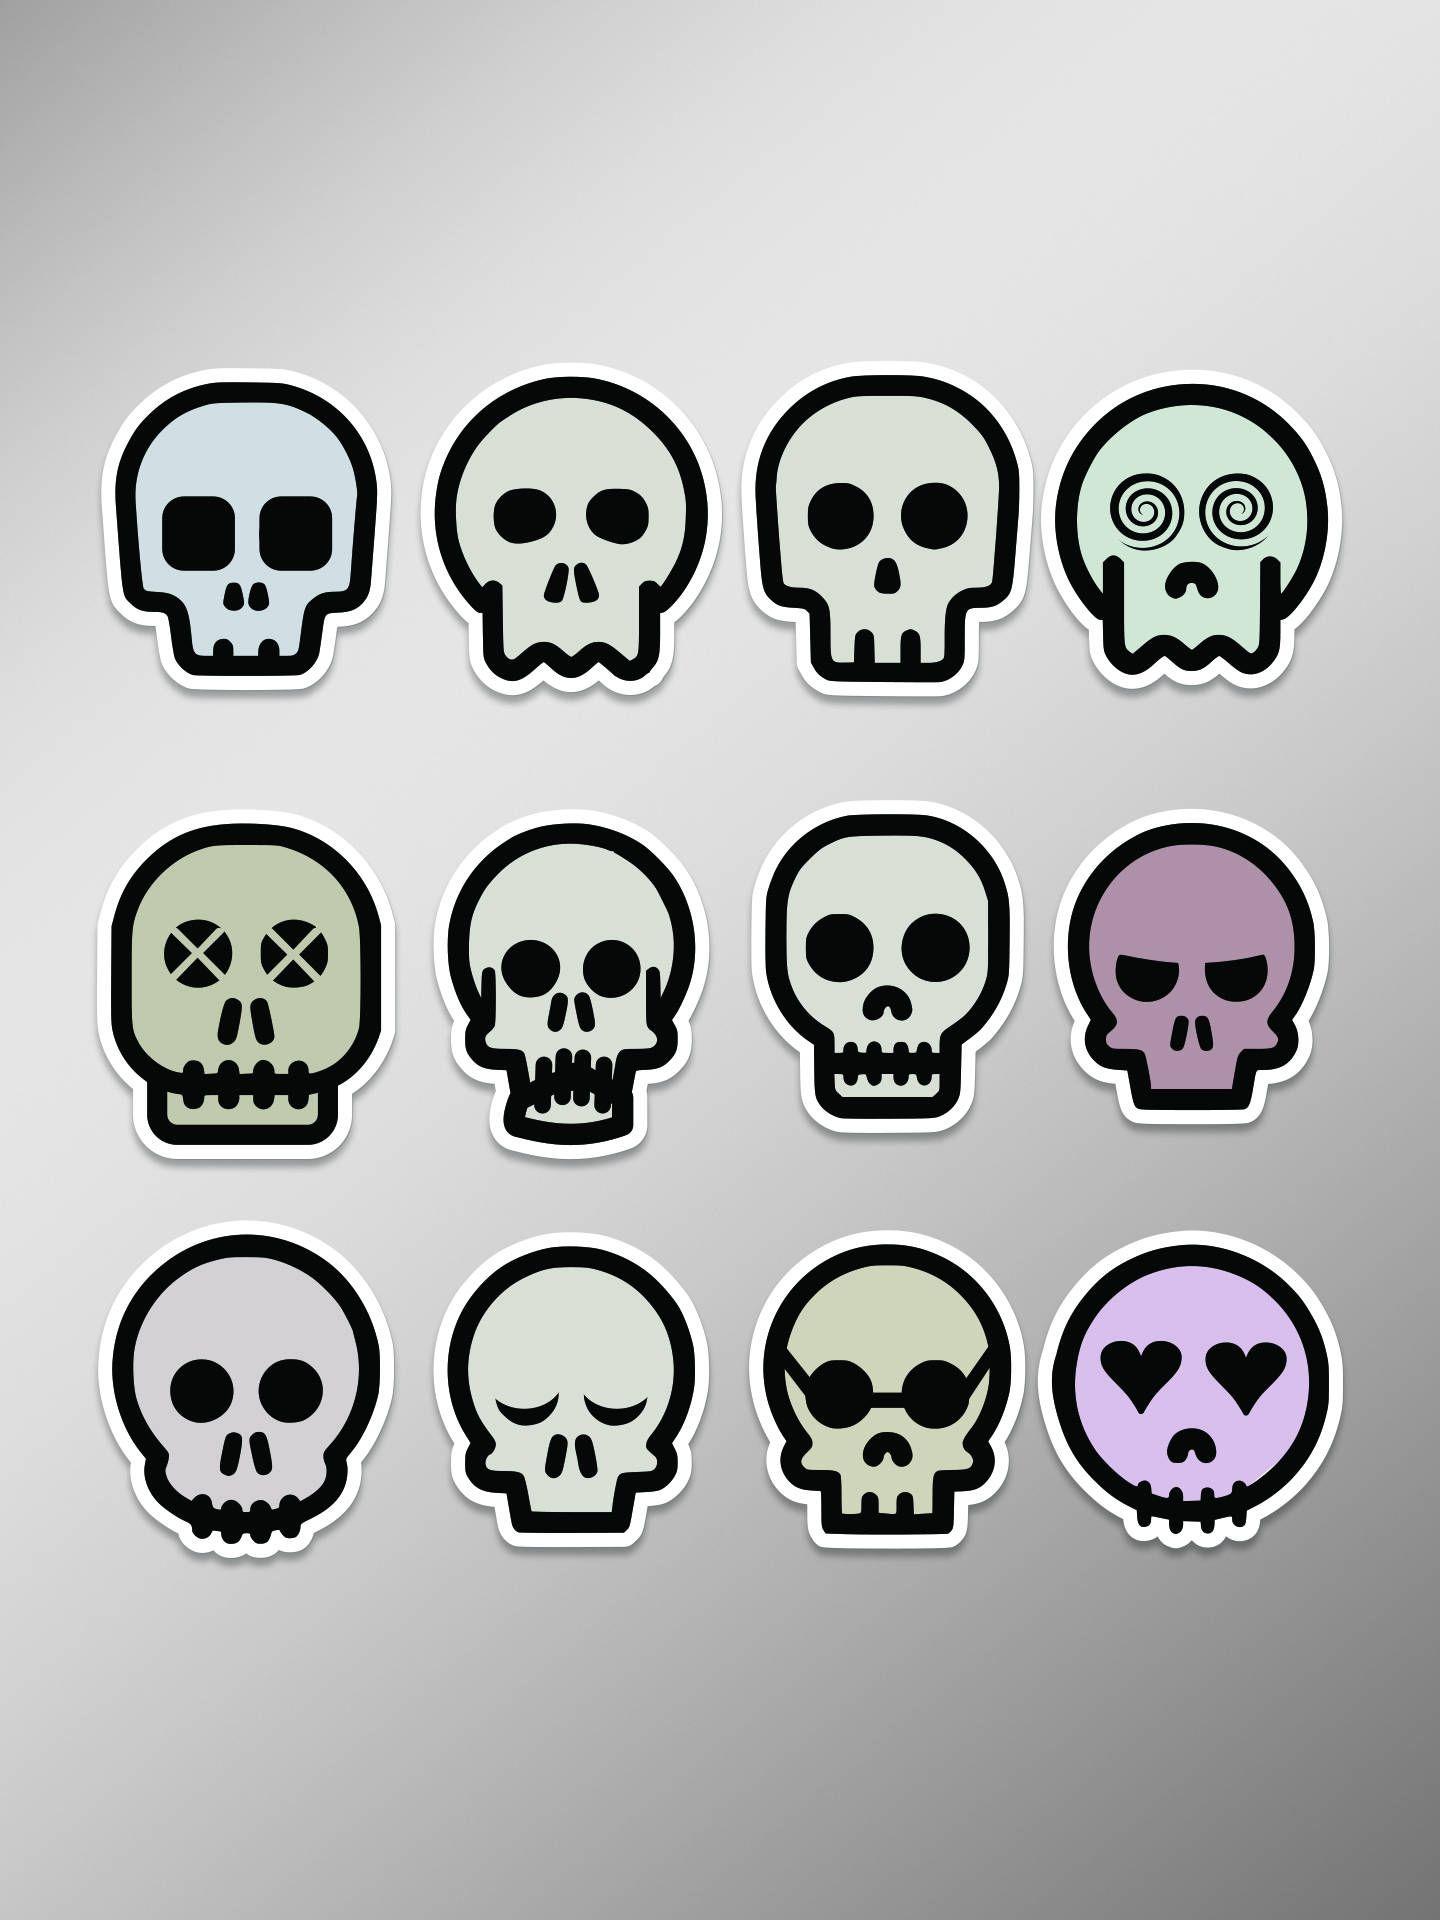 Skull Emoji Set Of 12 Full Color 4 Inch Vinyl Laptop Decal By Castlepeakgraphics On Etsy Emoji Set Skull Art Cartoon Design